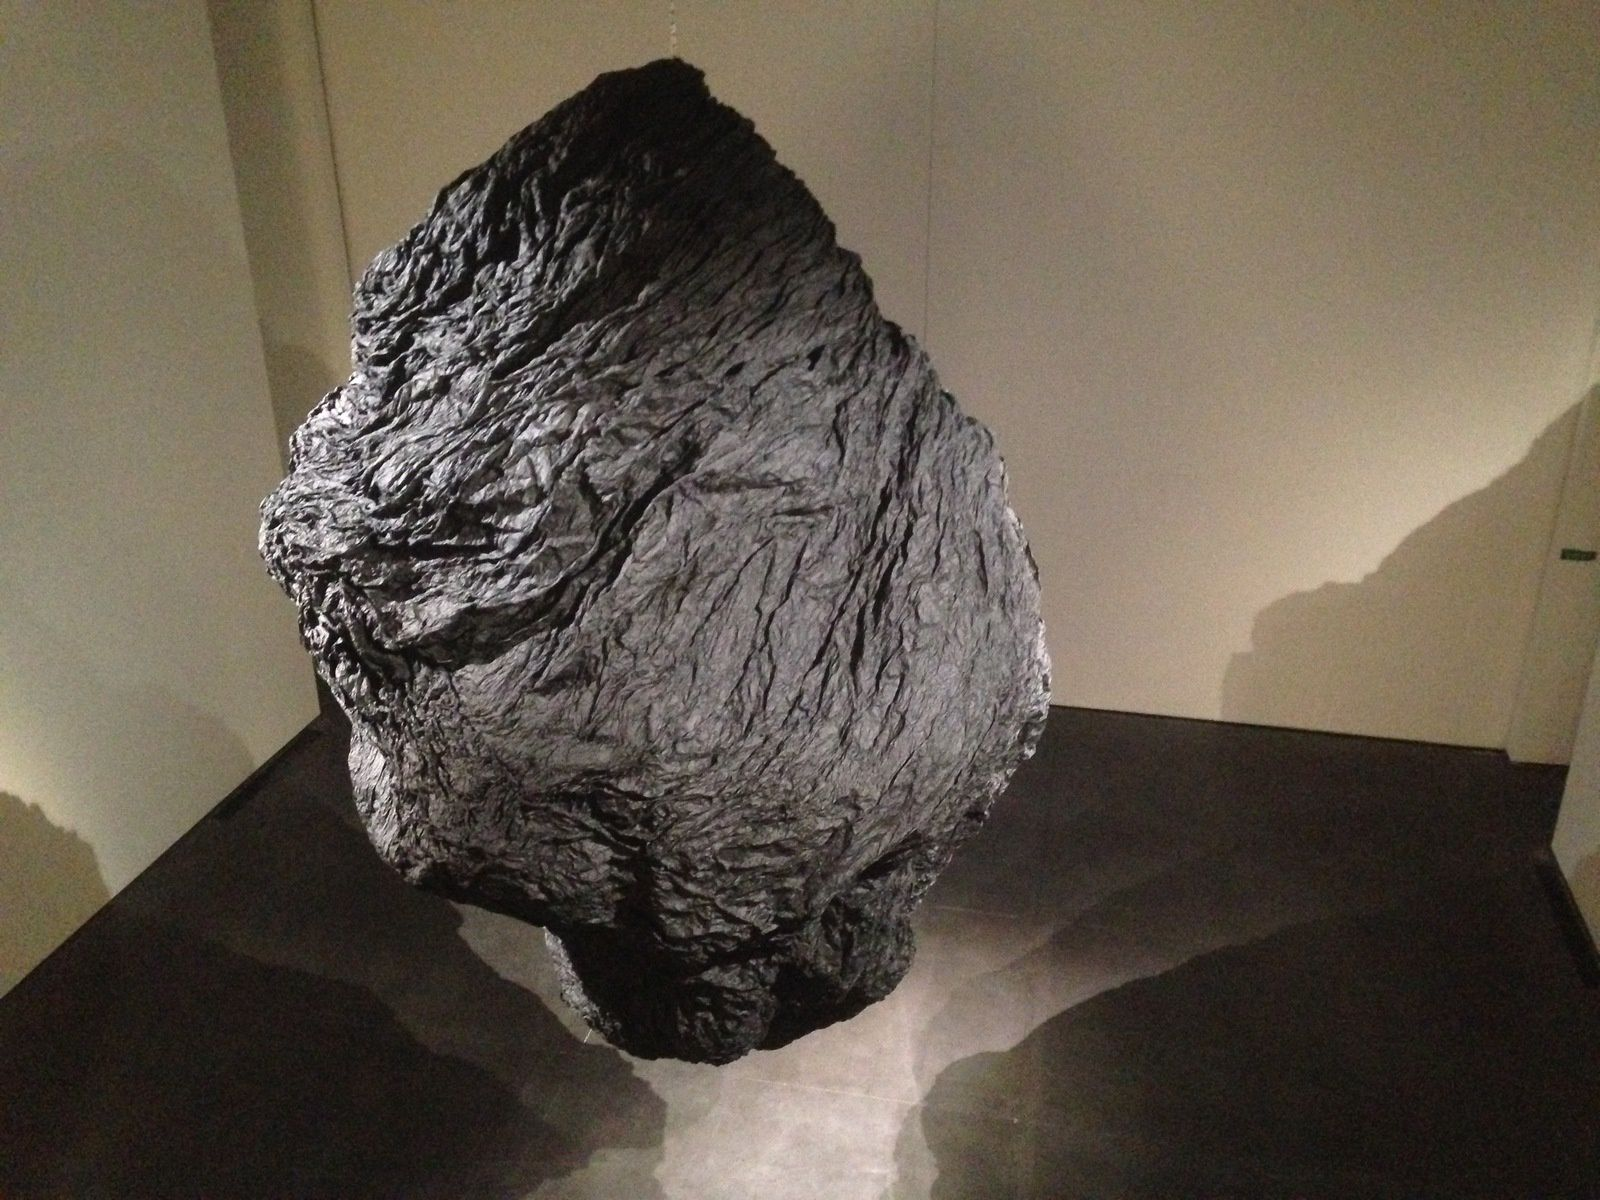 #exposition aux #abattoirs d'une #Métorite géante, d'#EduardoBasaldo #charlotteblabla blog